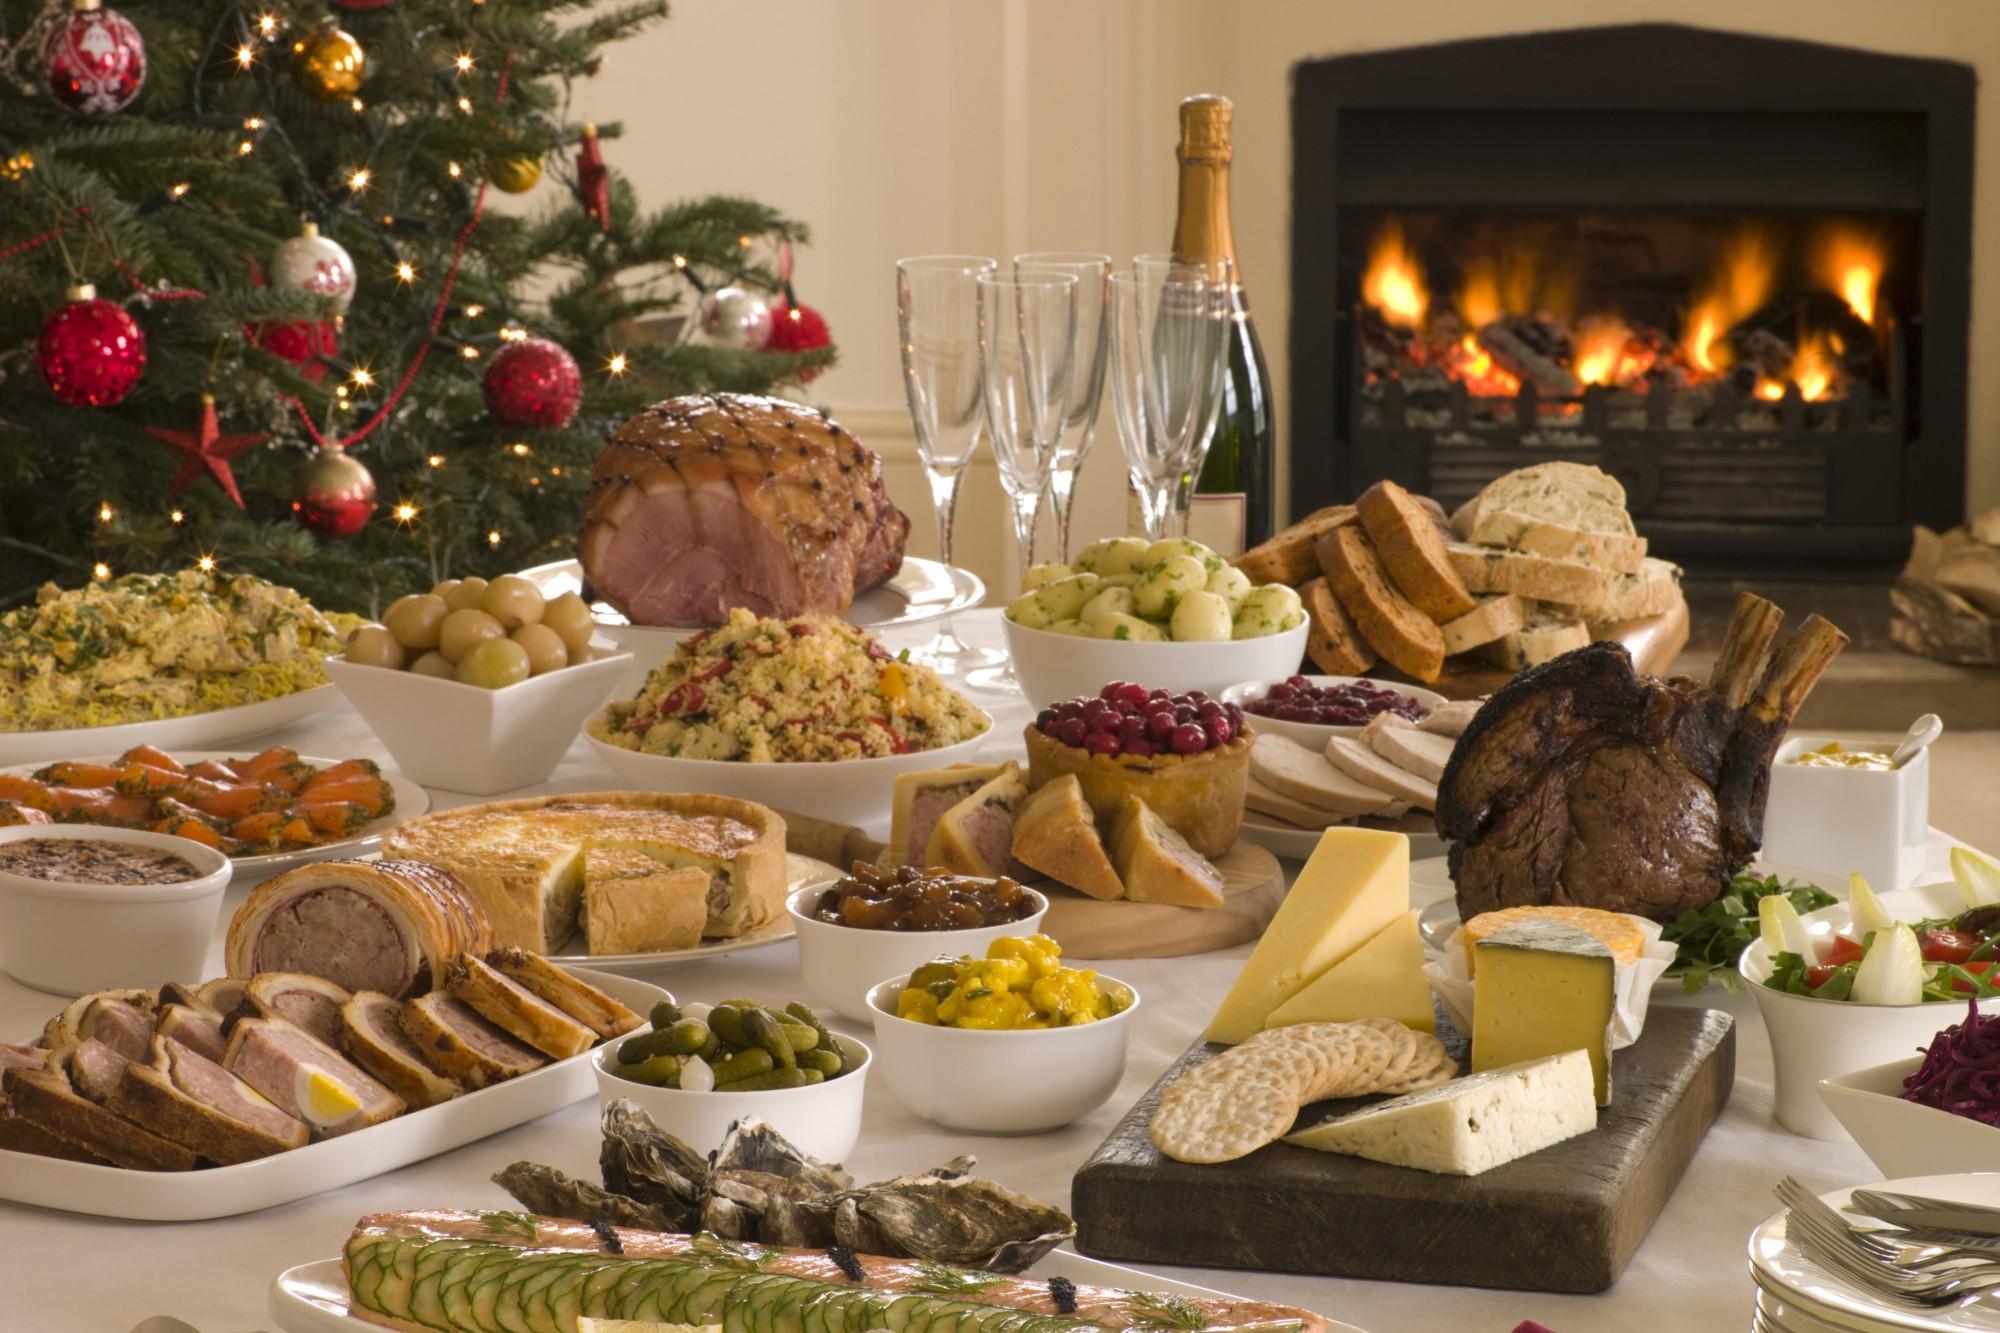 Tavola Per Natale Foto natale: la tradizione a tavola